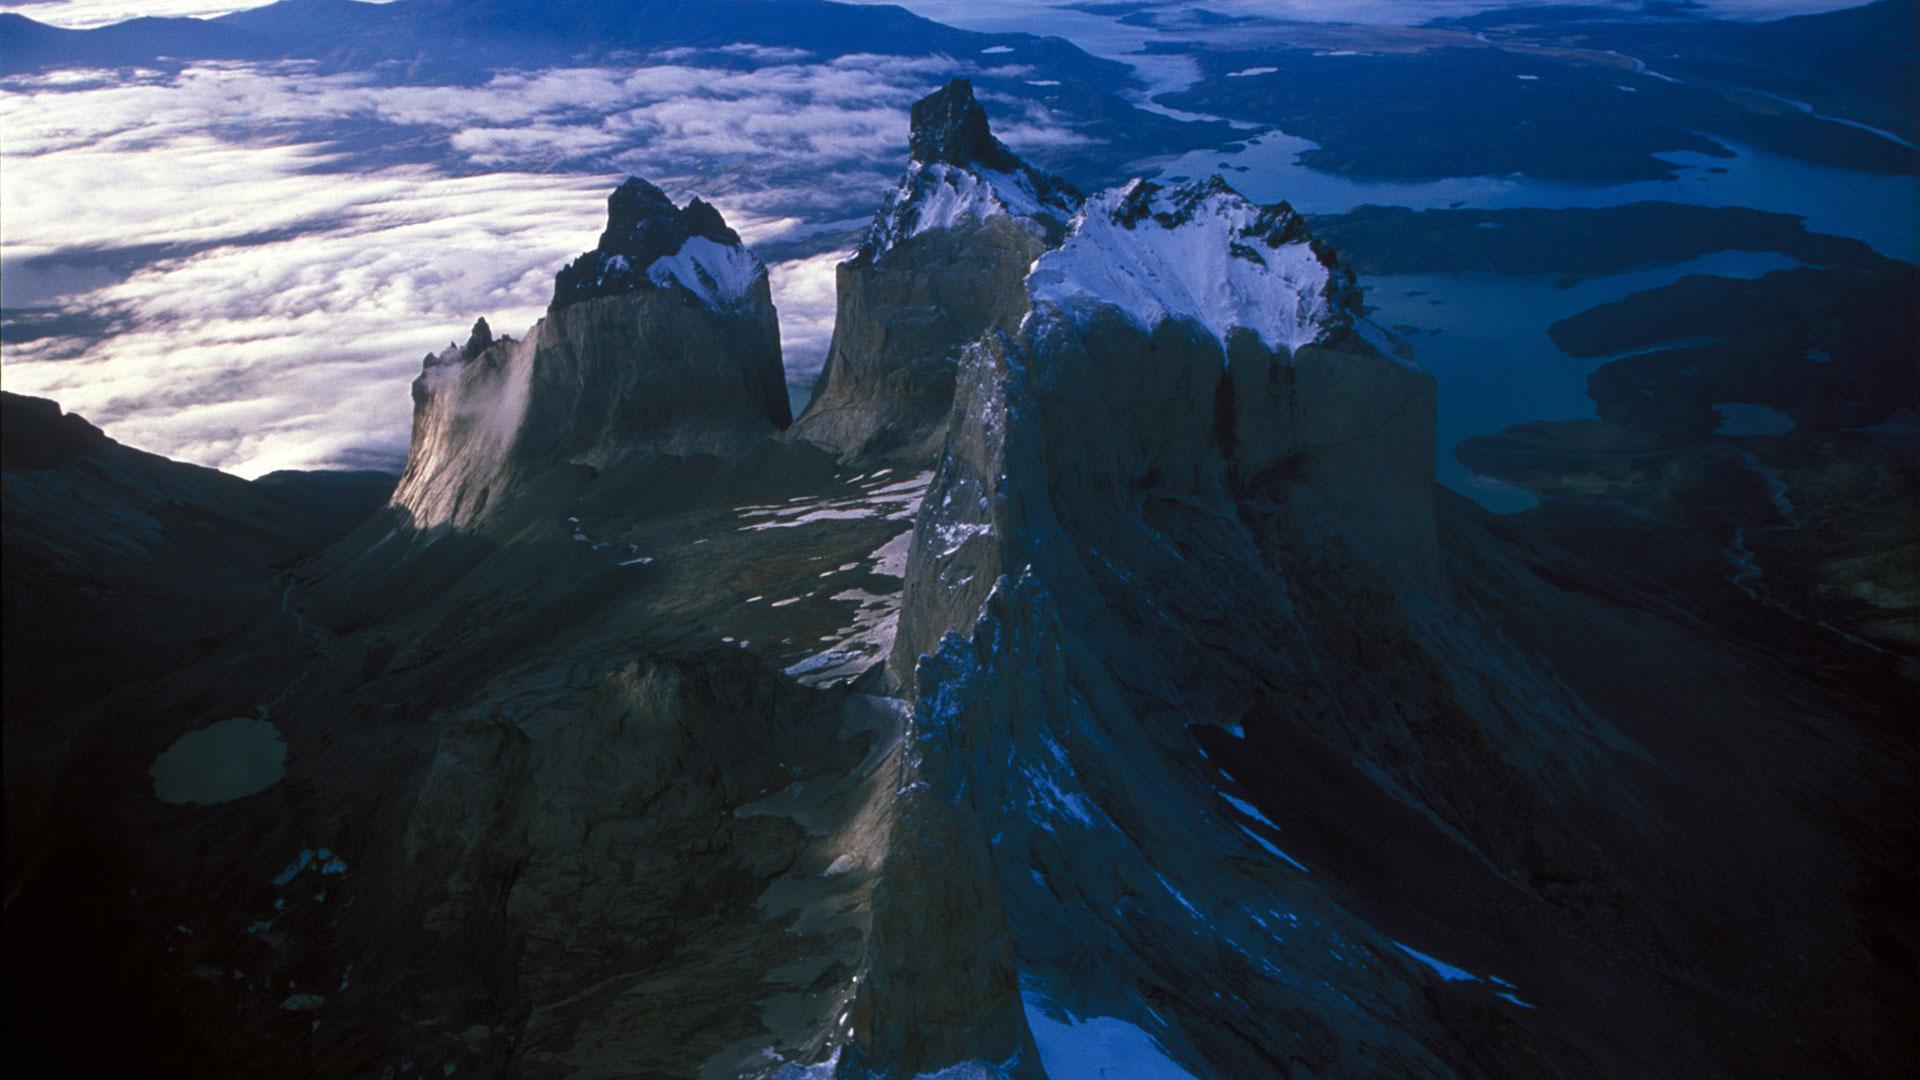 Andes-LandBridge